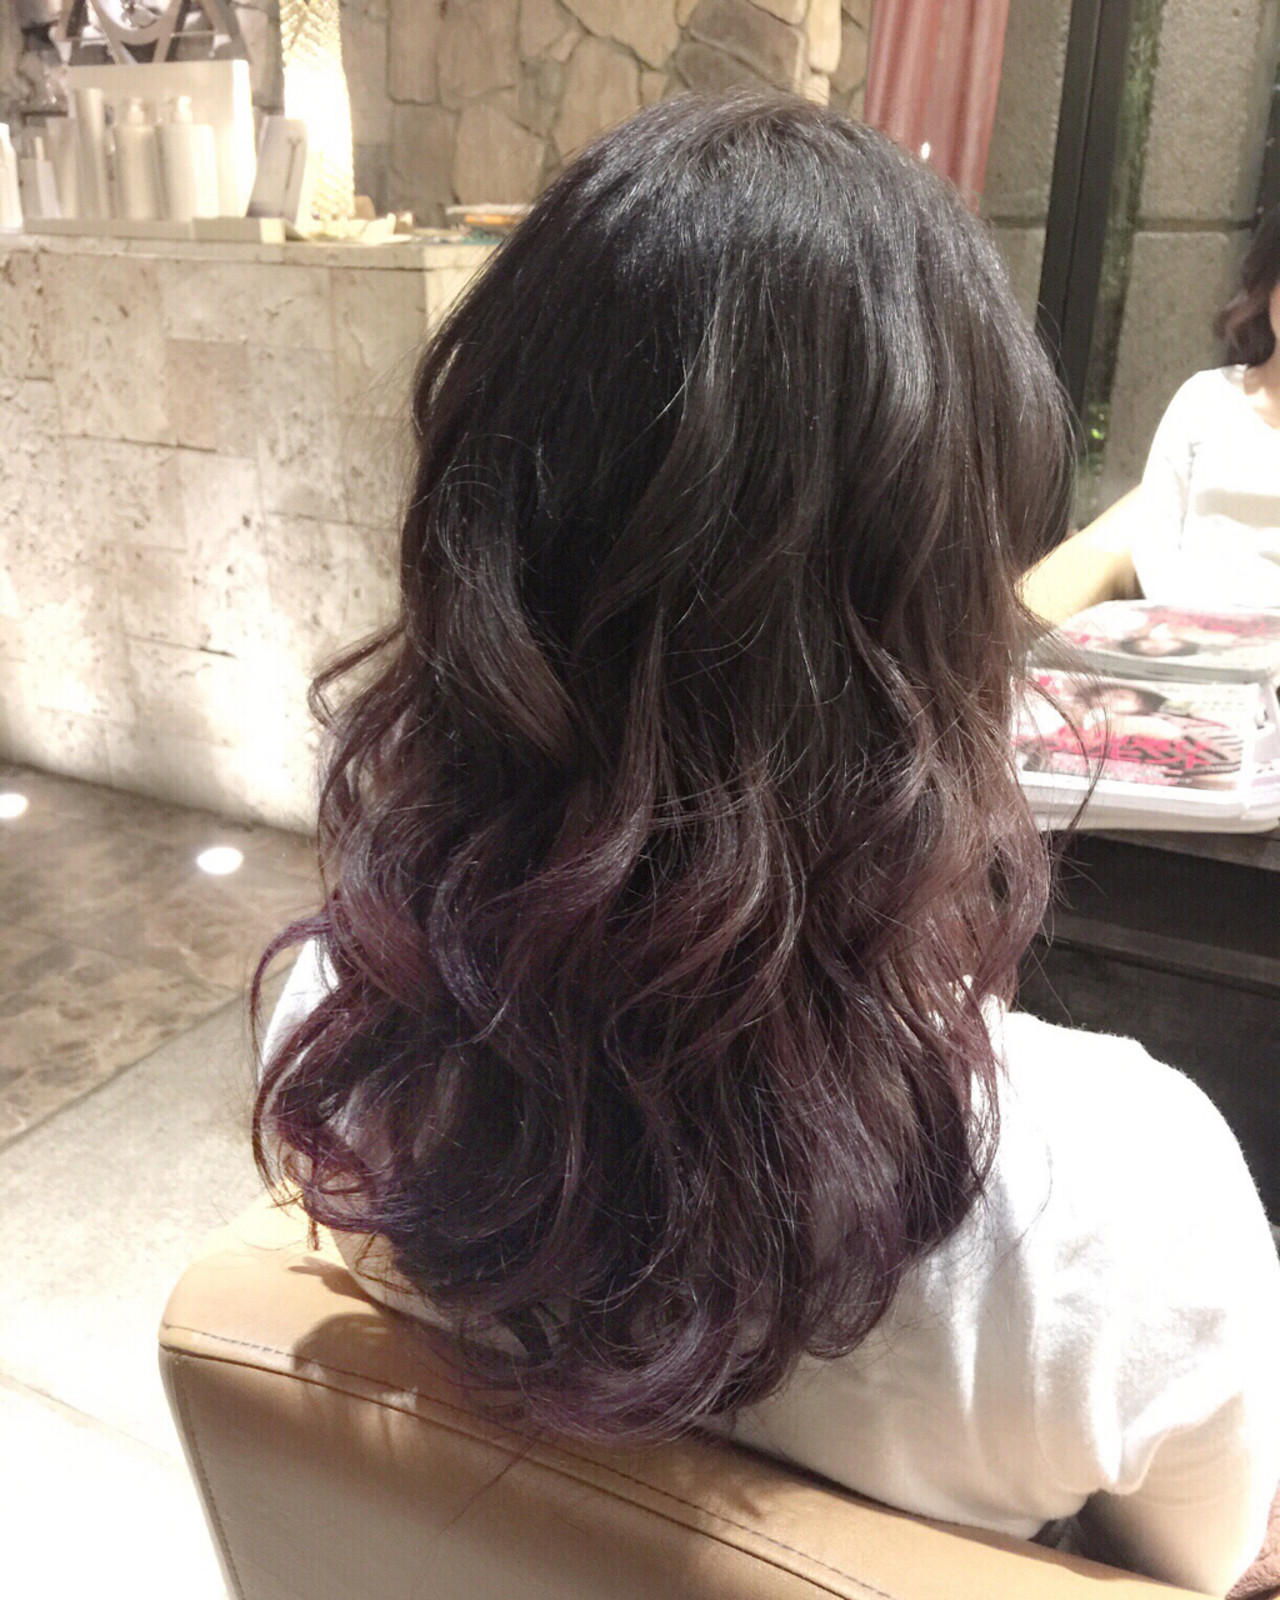 大注目の暗髪×グラデーションまとめ♡ポイントは毛先とハイライト 北嶋 彩乃